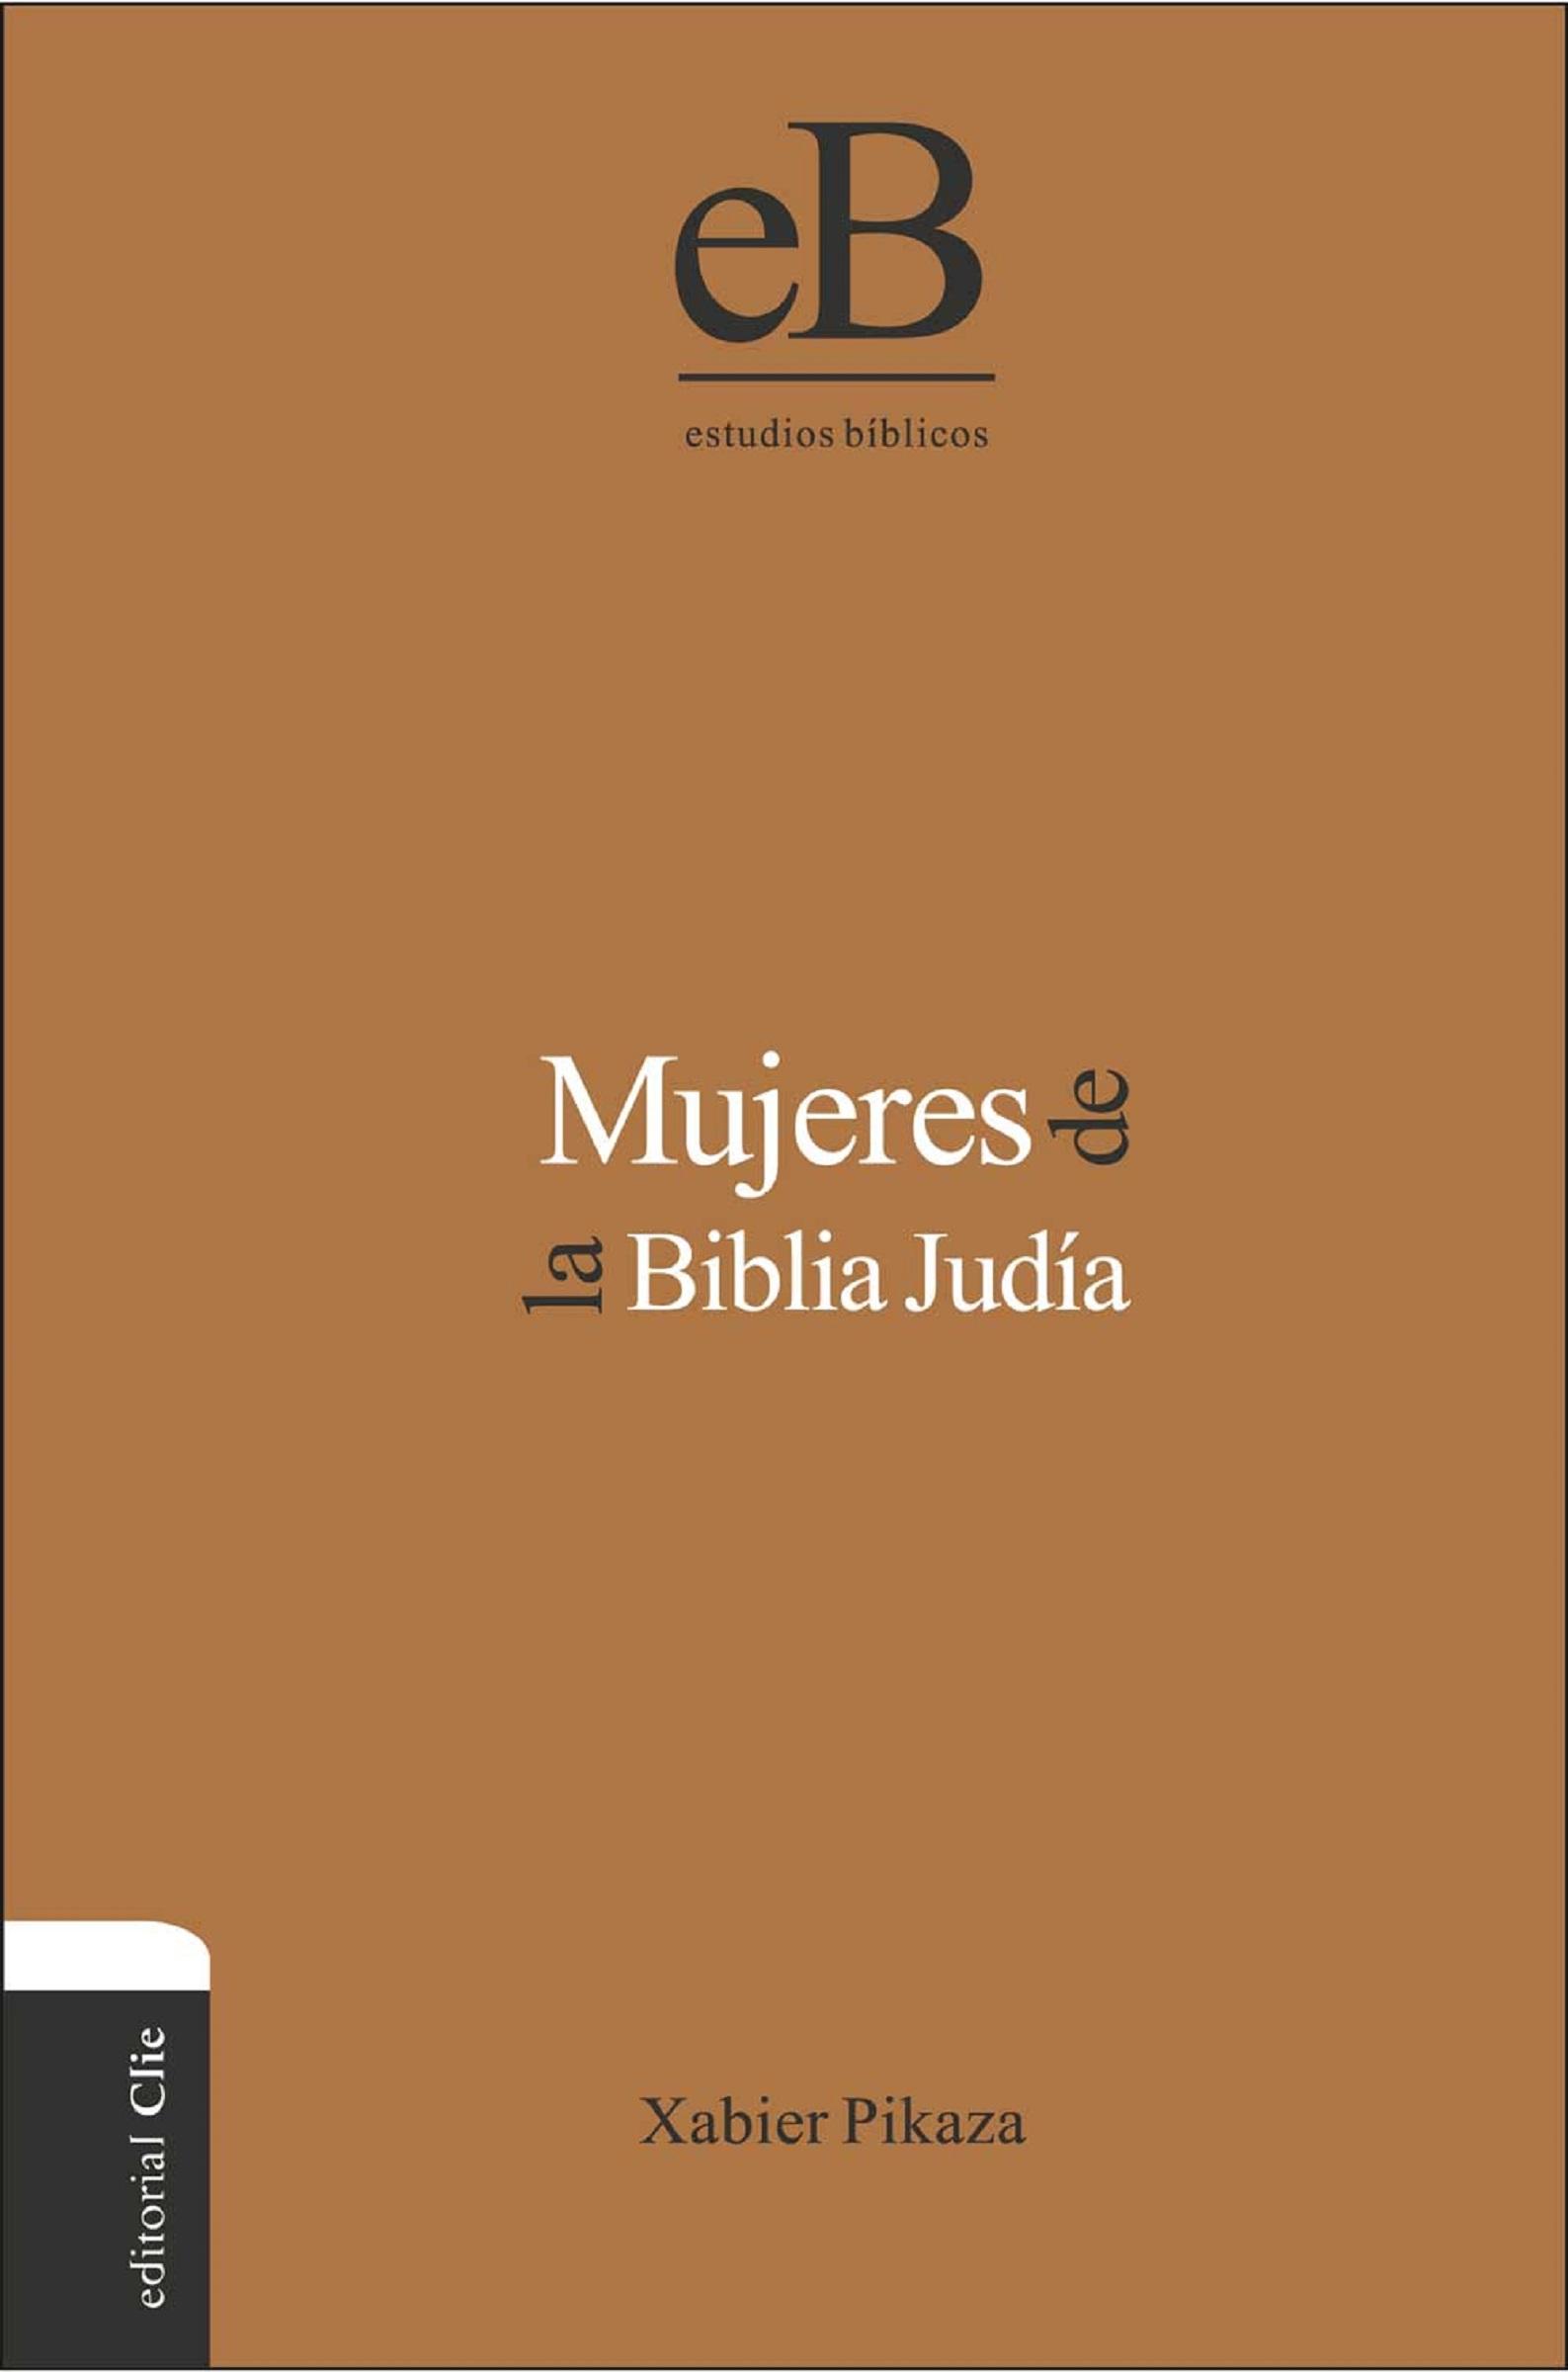 Xabier Pikaza Ibarrondo Mujeres de la Biblia Judía